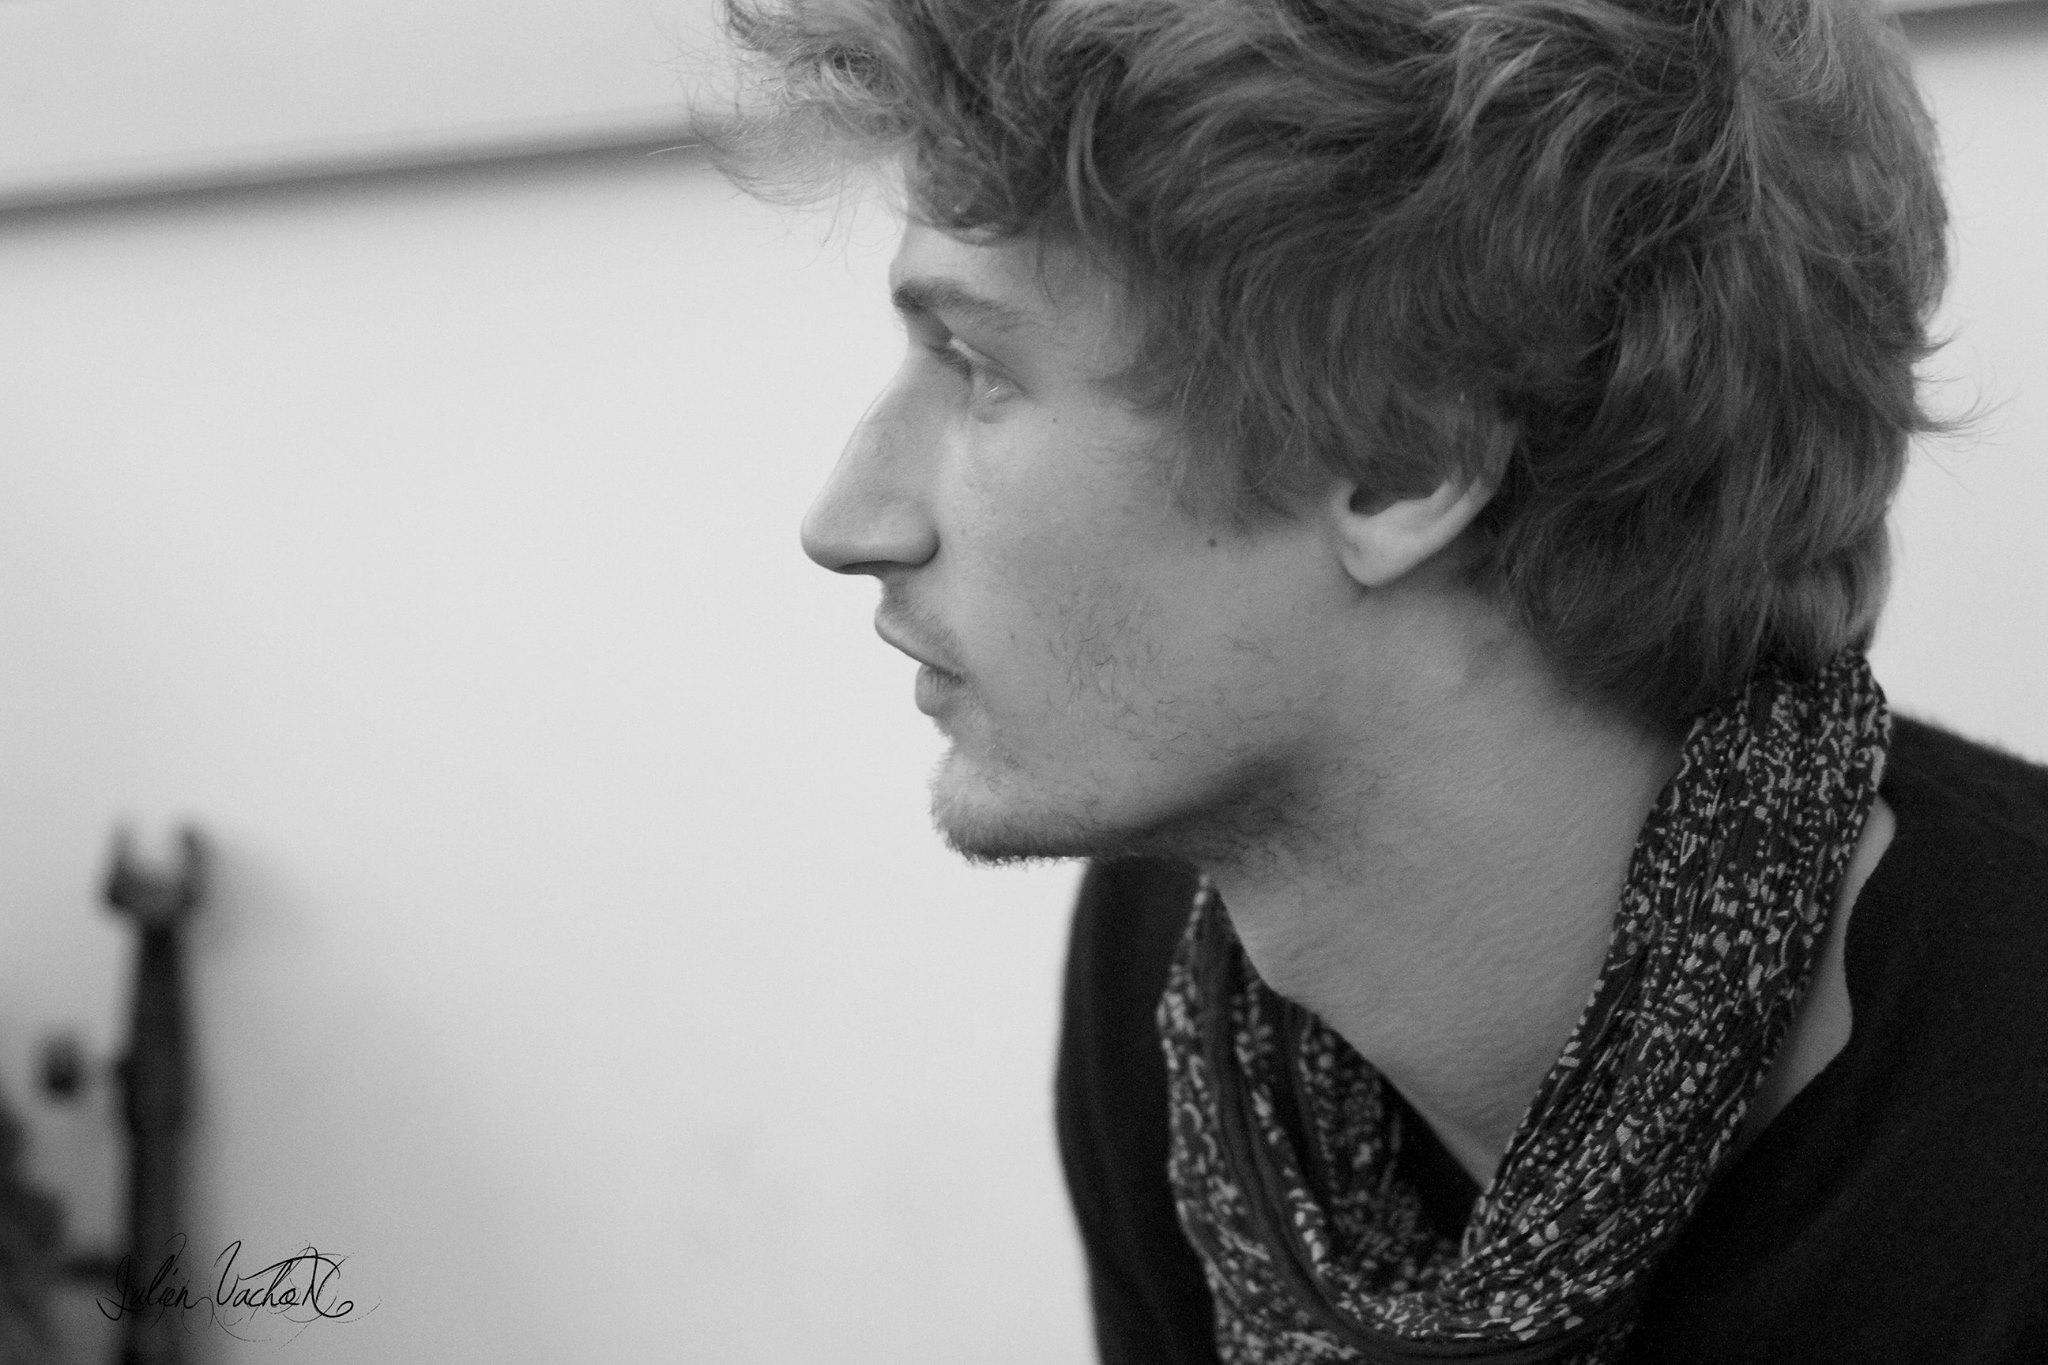 Matthieu Gazier – Ekleroshock / Behind